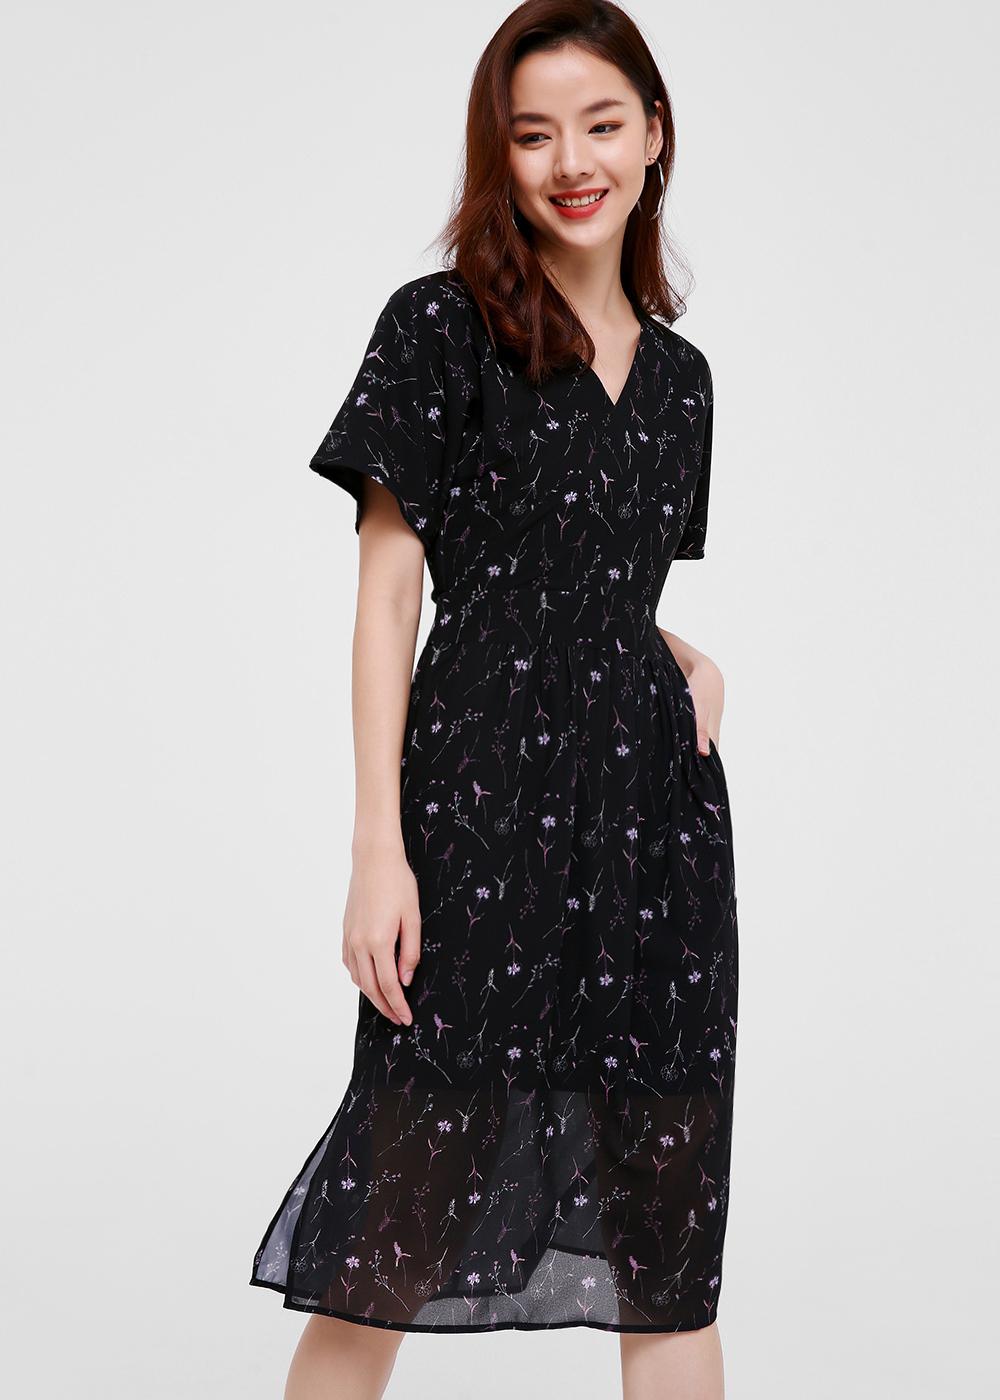 Angeline Printed Flutter Sleeve Dress